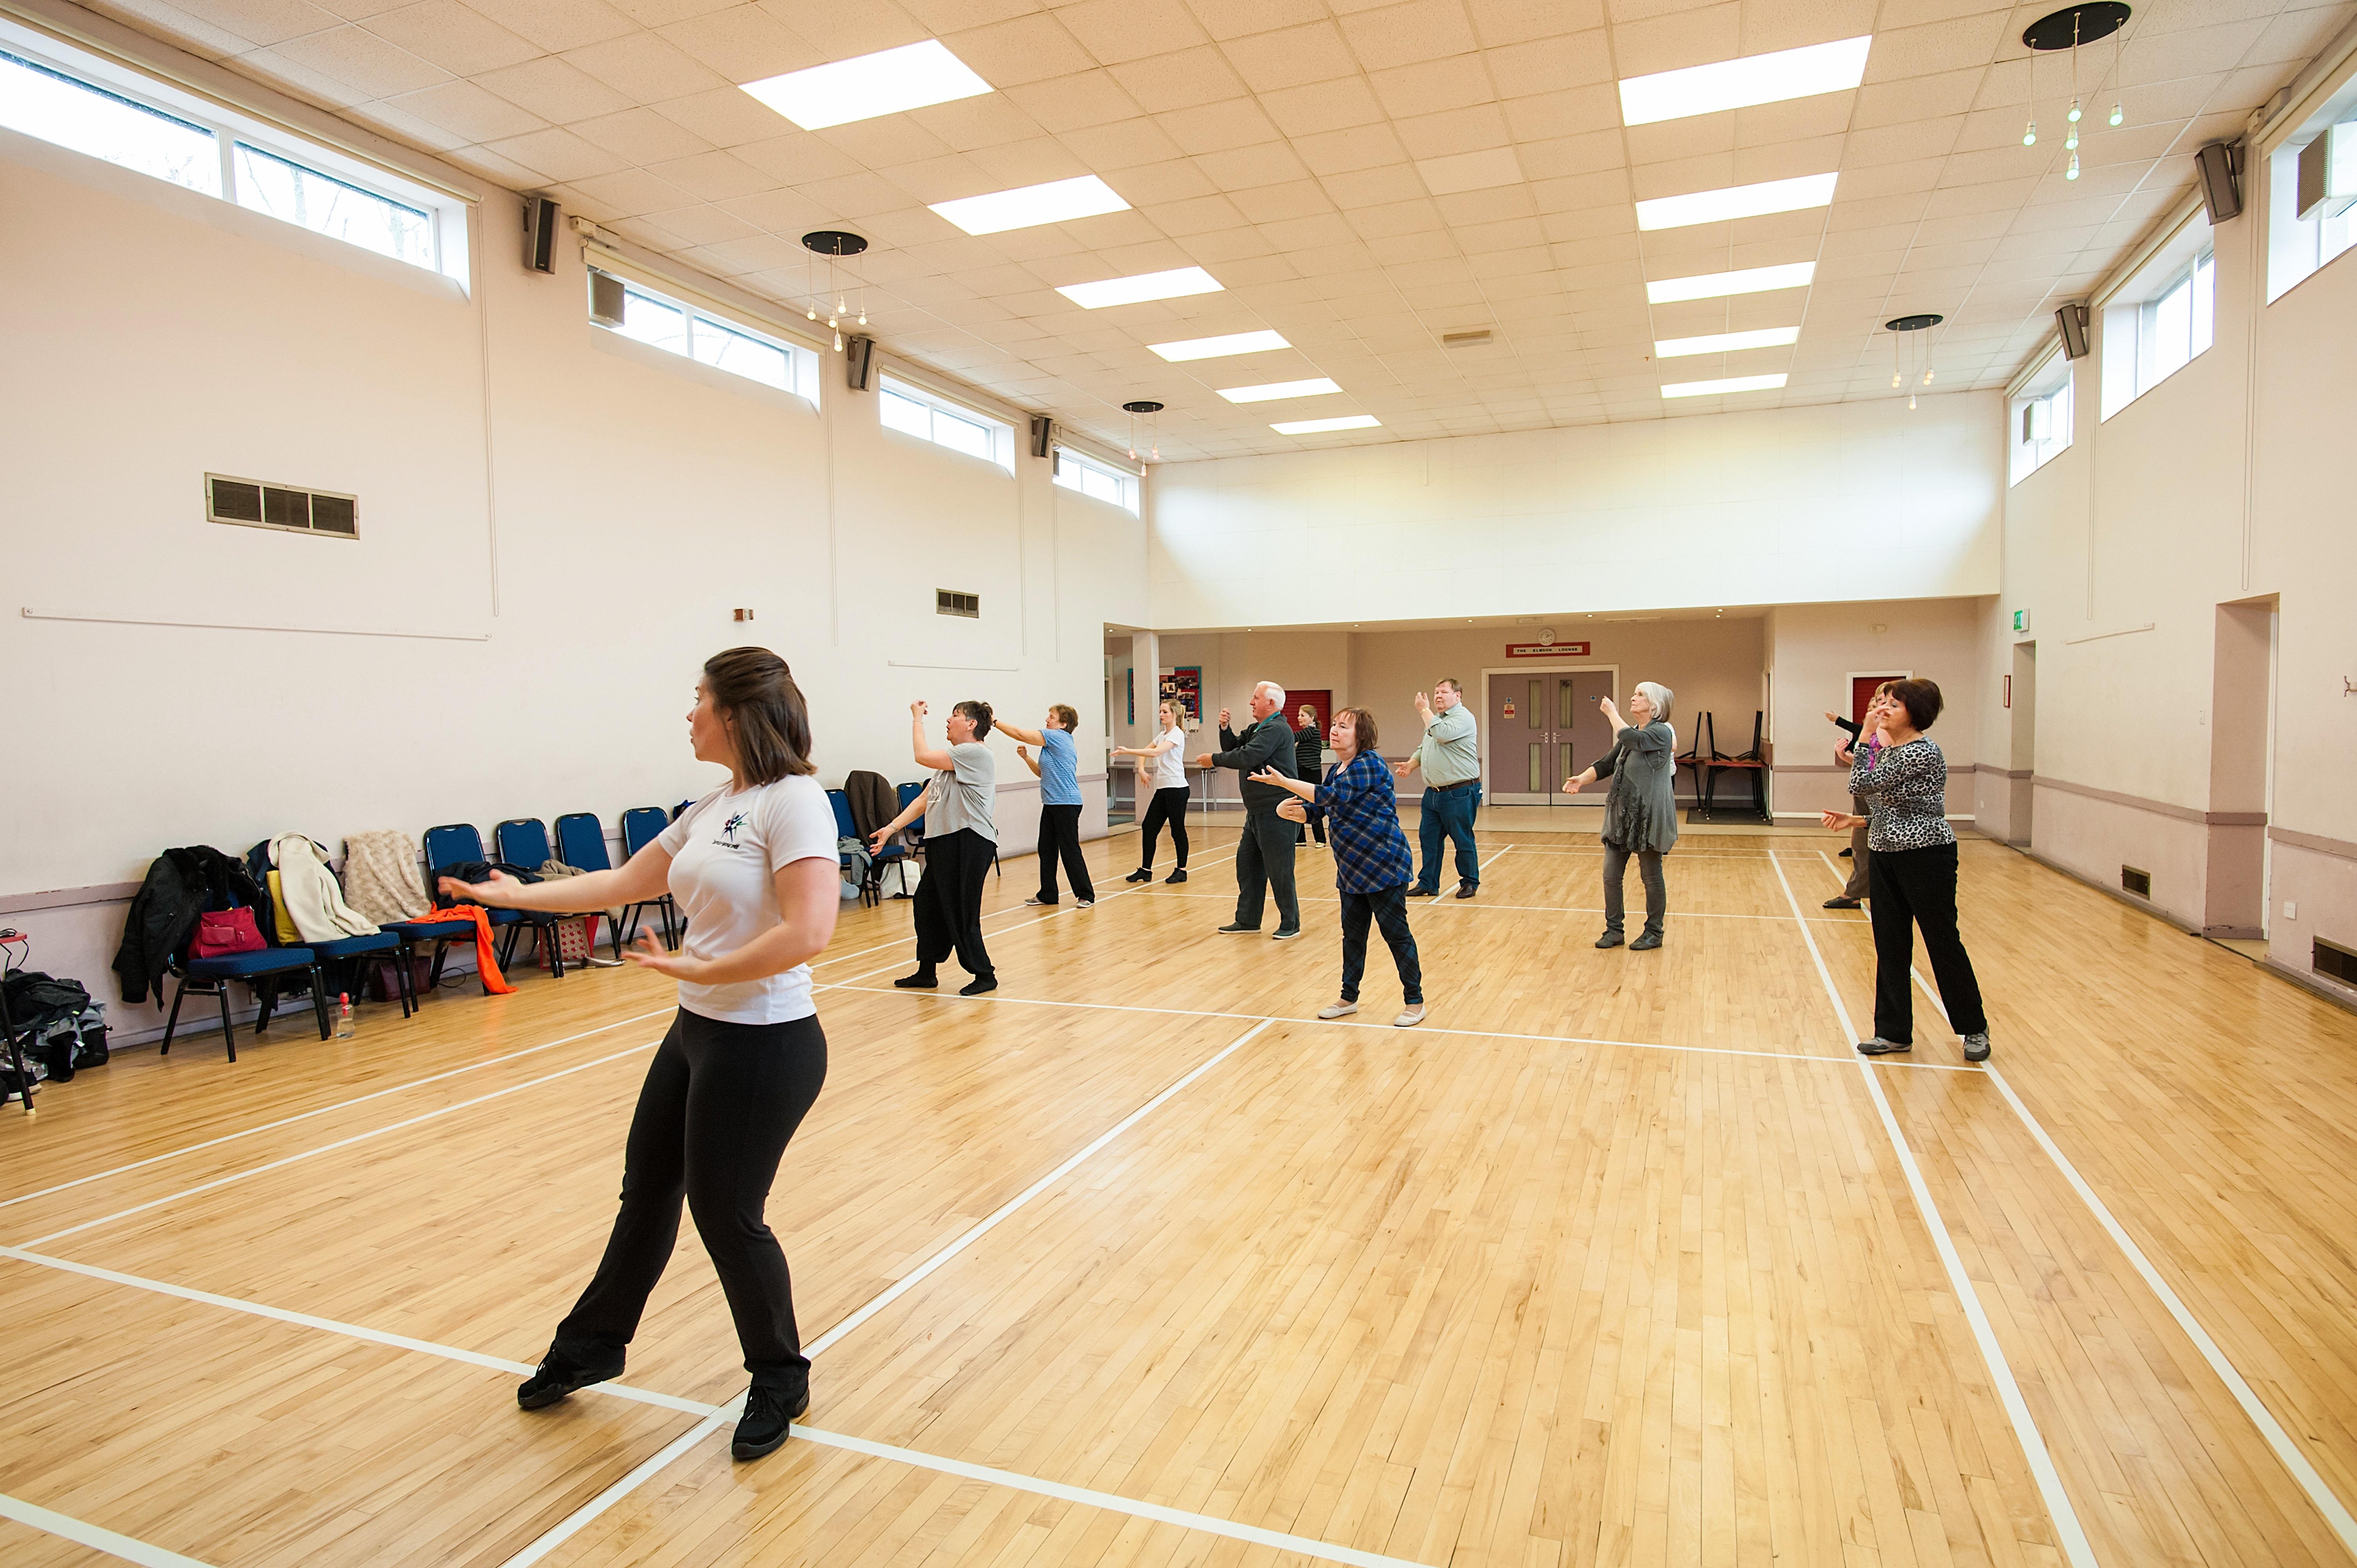 Over 50's dance class West Midlands